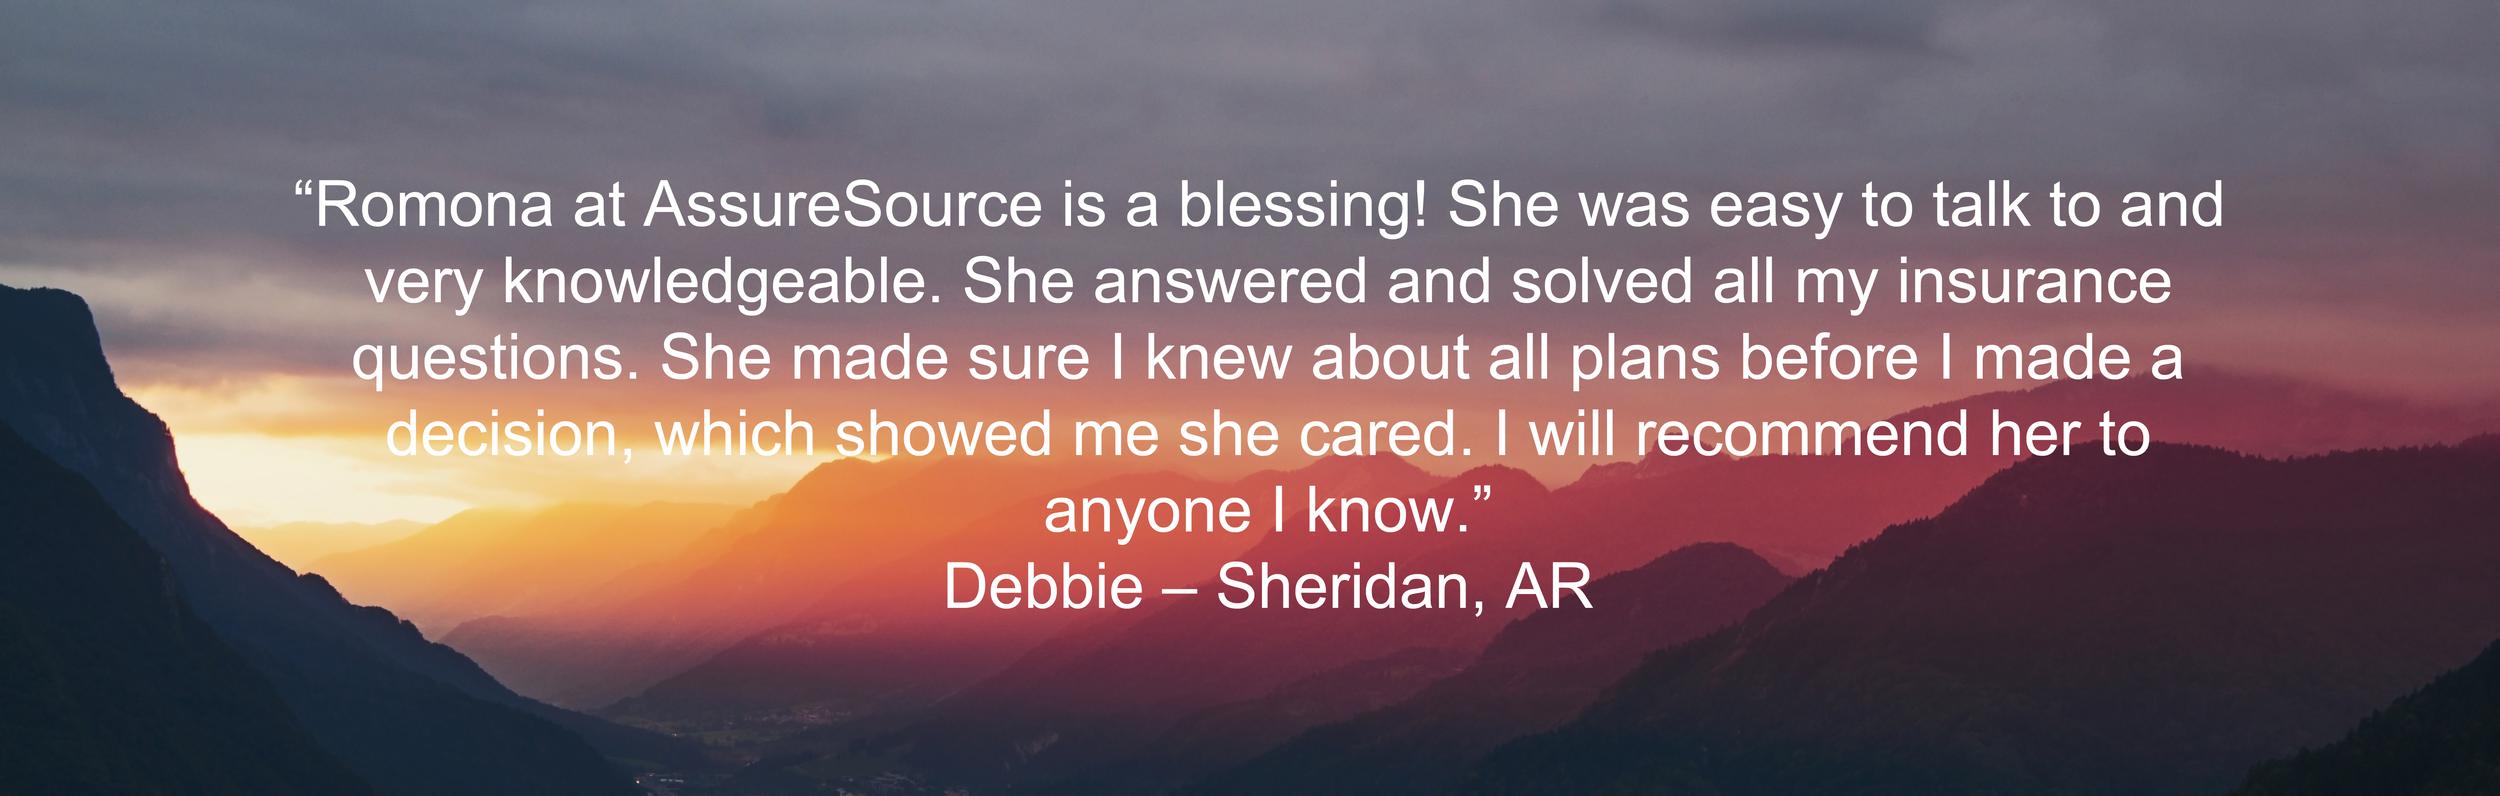 Debbie – Sheridan, AR.png